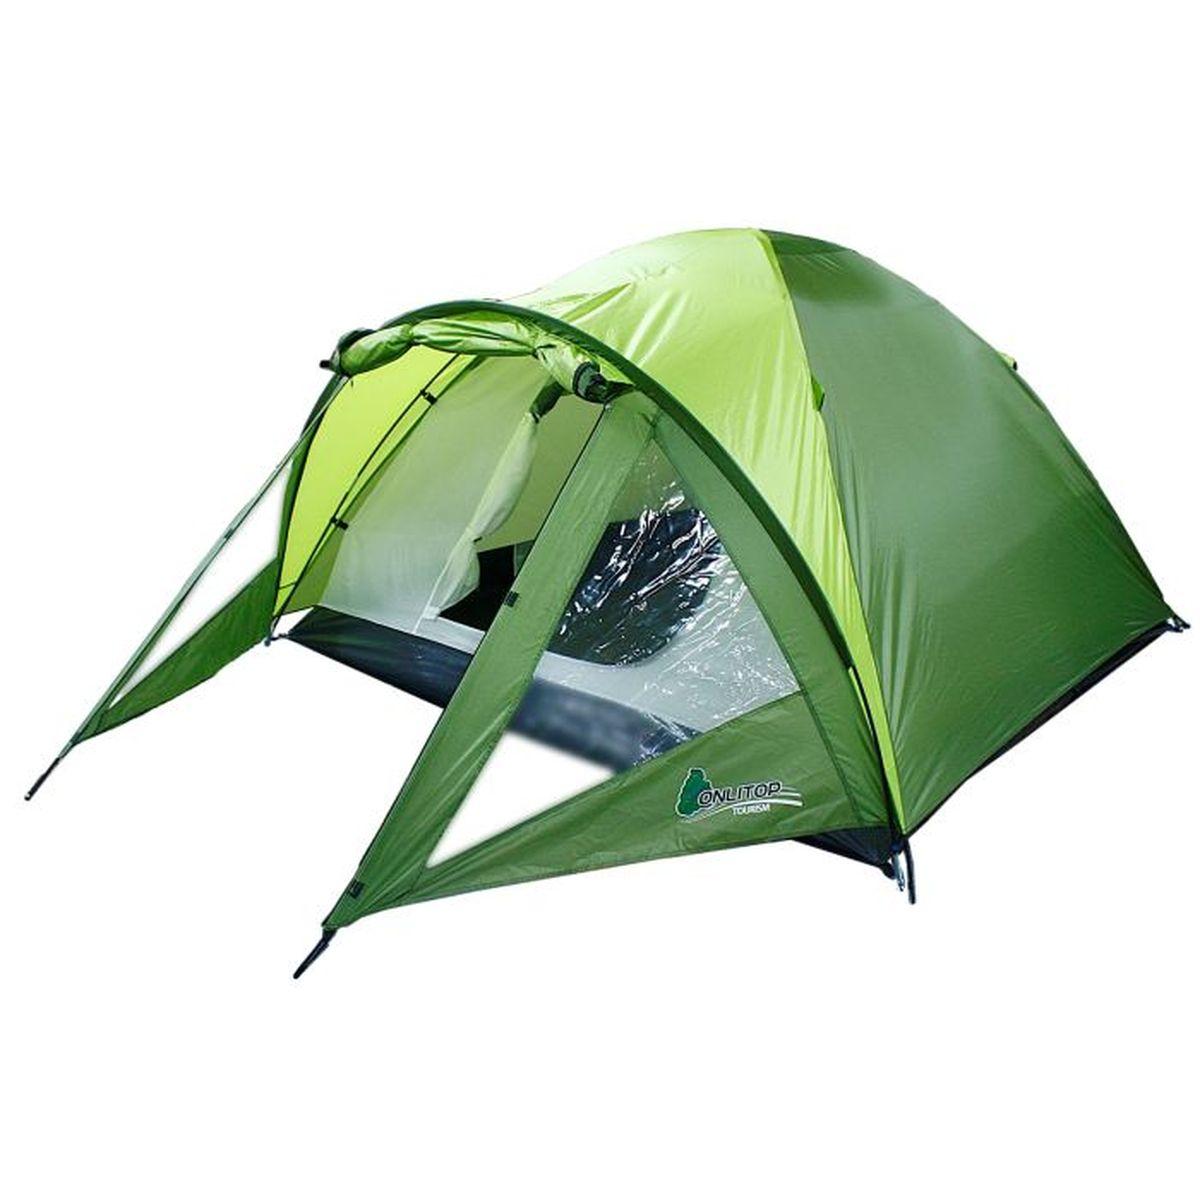 Палатка туристическая Onlitop Ottawa, 3-местная, цвет: зеленый776299Если вы любитель активного отдыха, а также ночевок на природе, то туристическая палатка Onlitop Ottawa - просто незаменимый предмет в вашем арсенале. С ней пребывание на свежем воздухе станет гораздо комфортнее. Палатка защитит от ветра, дождя, а также создаст безопасные условия ночью, ограждая от насекомых, змей и мелких грызунов. Объем палатки позволяет легко разместиться трем людям сразу. Ткань рипстоп, благодаря своей прочности, увеличивает срок эксплуатации изделия. Возьмите этот легкий инвентарь с собой куда угодно: положите палатку в багажник или несите ее за удобную ручку и наслаждайтесь досугом.Конструкция палатки: - 1 вход; - 1 вместительный передний тамбур для хранения вещей с двумя боковыми окнами.Внутреннее оснащение: - 2 вентиляционных окна; - 2 кармана для хранения вещей.Размер палатки: 300 x 180 x 130 см (тамбур, 90 см + комната, 210 см).Что взять с собой в поход?. Статья OZON Гид